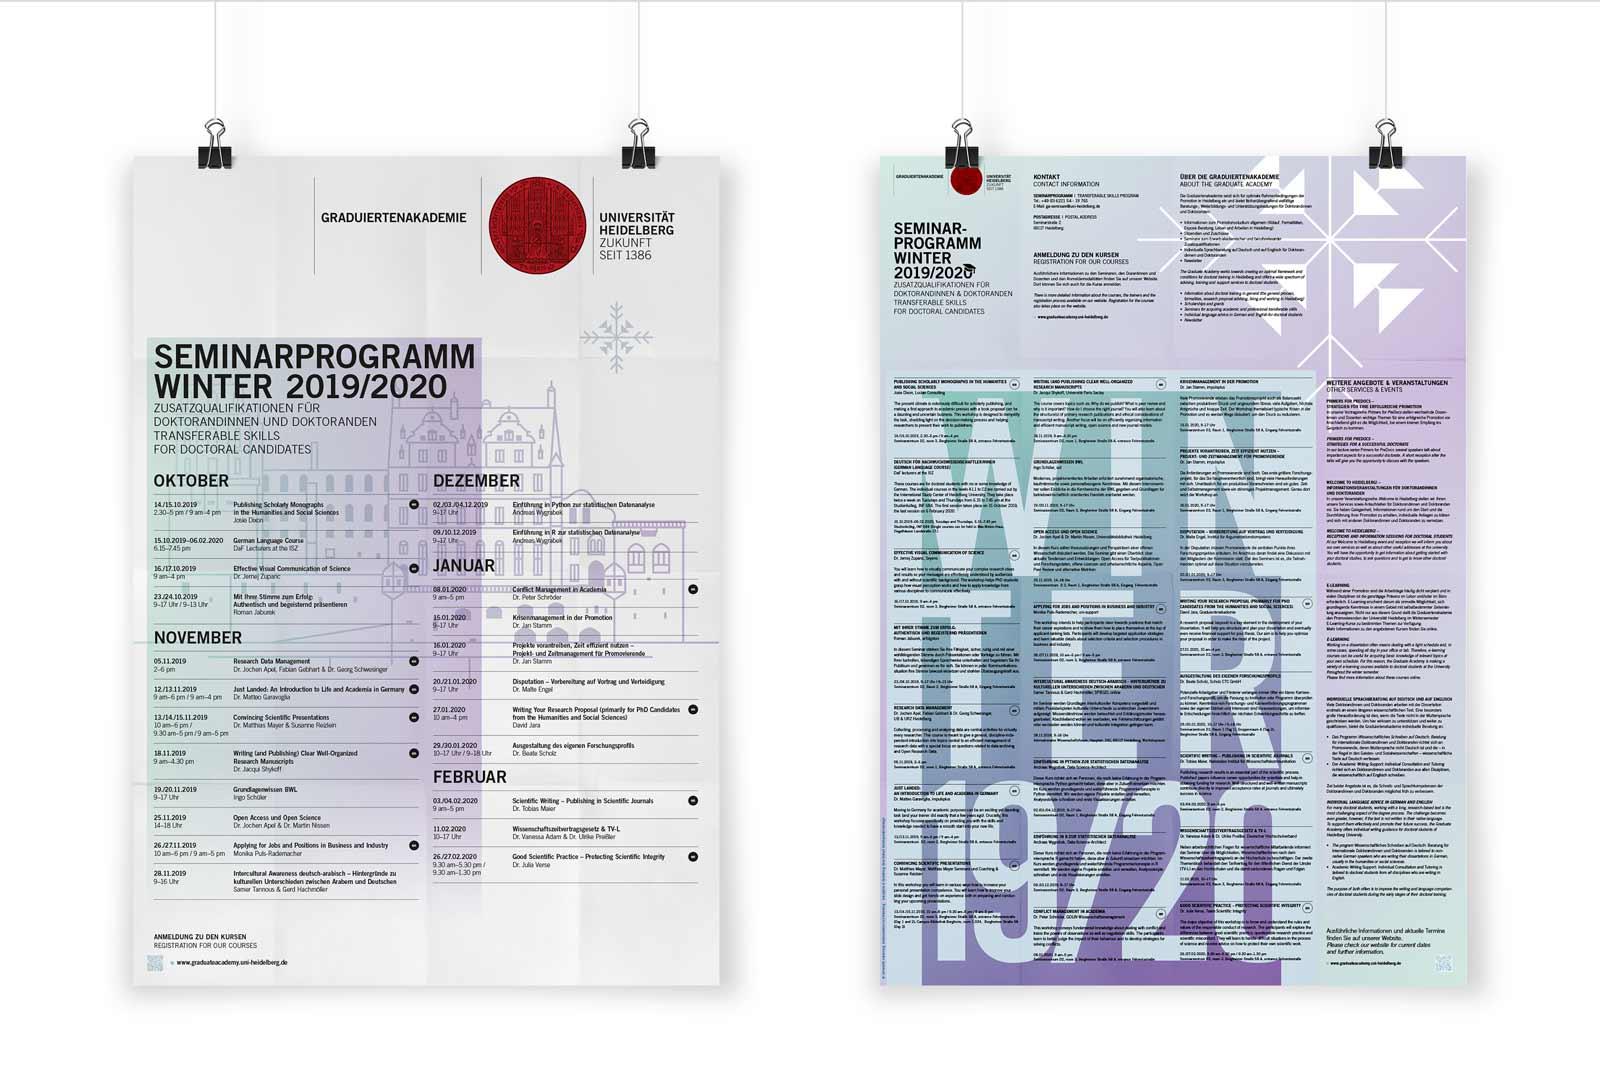 Gesa Siebert Kommunikationsdesign Graduiertenakademie Universität Heidelberg Flyer Faltflyer Plakat Illustration Seminarprogramm Wintersemester 2019/2020